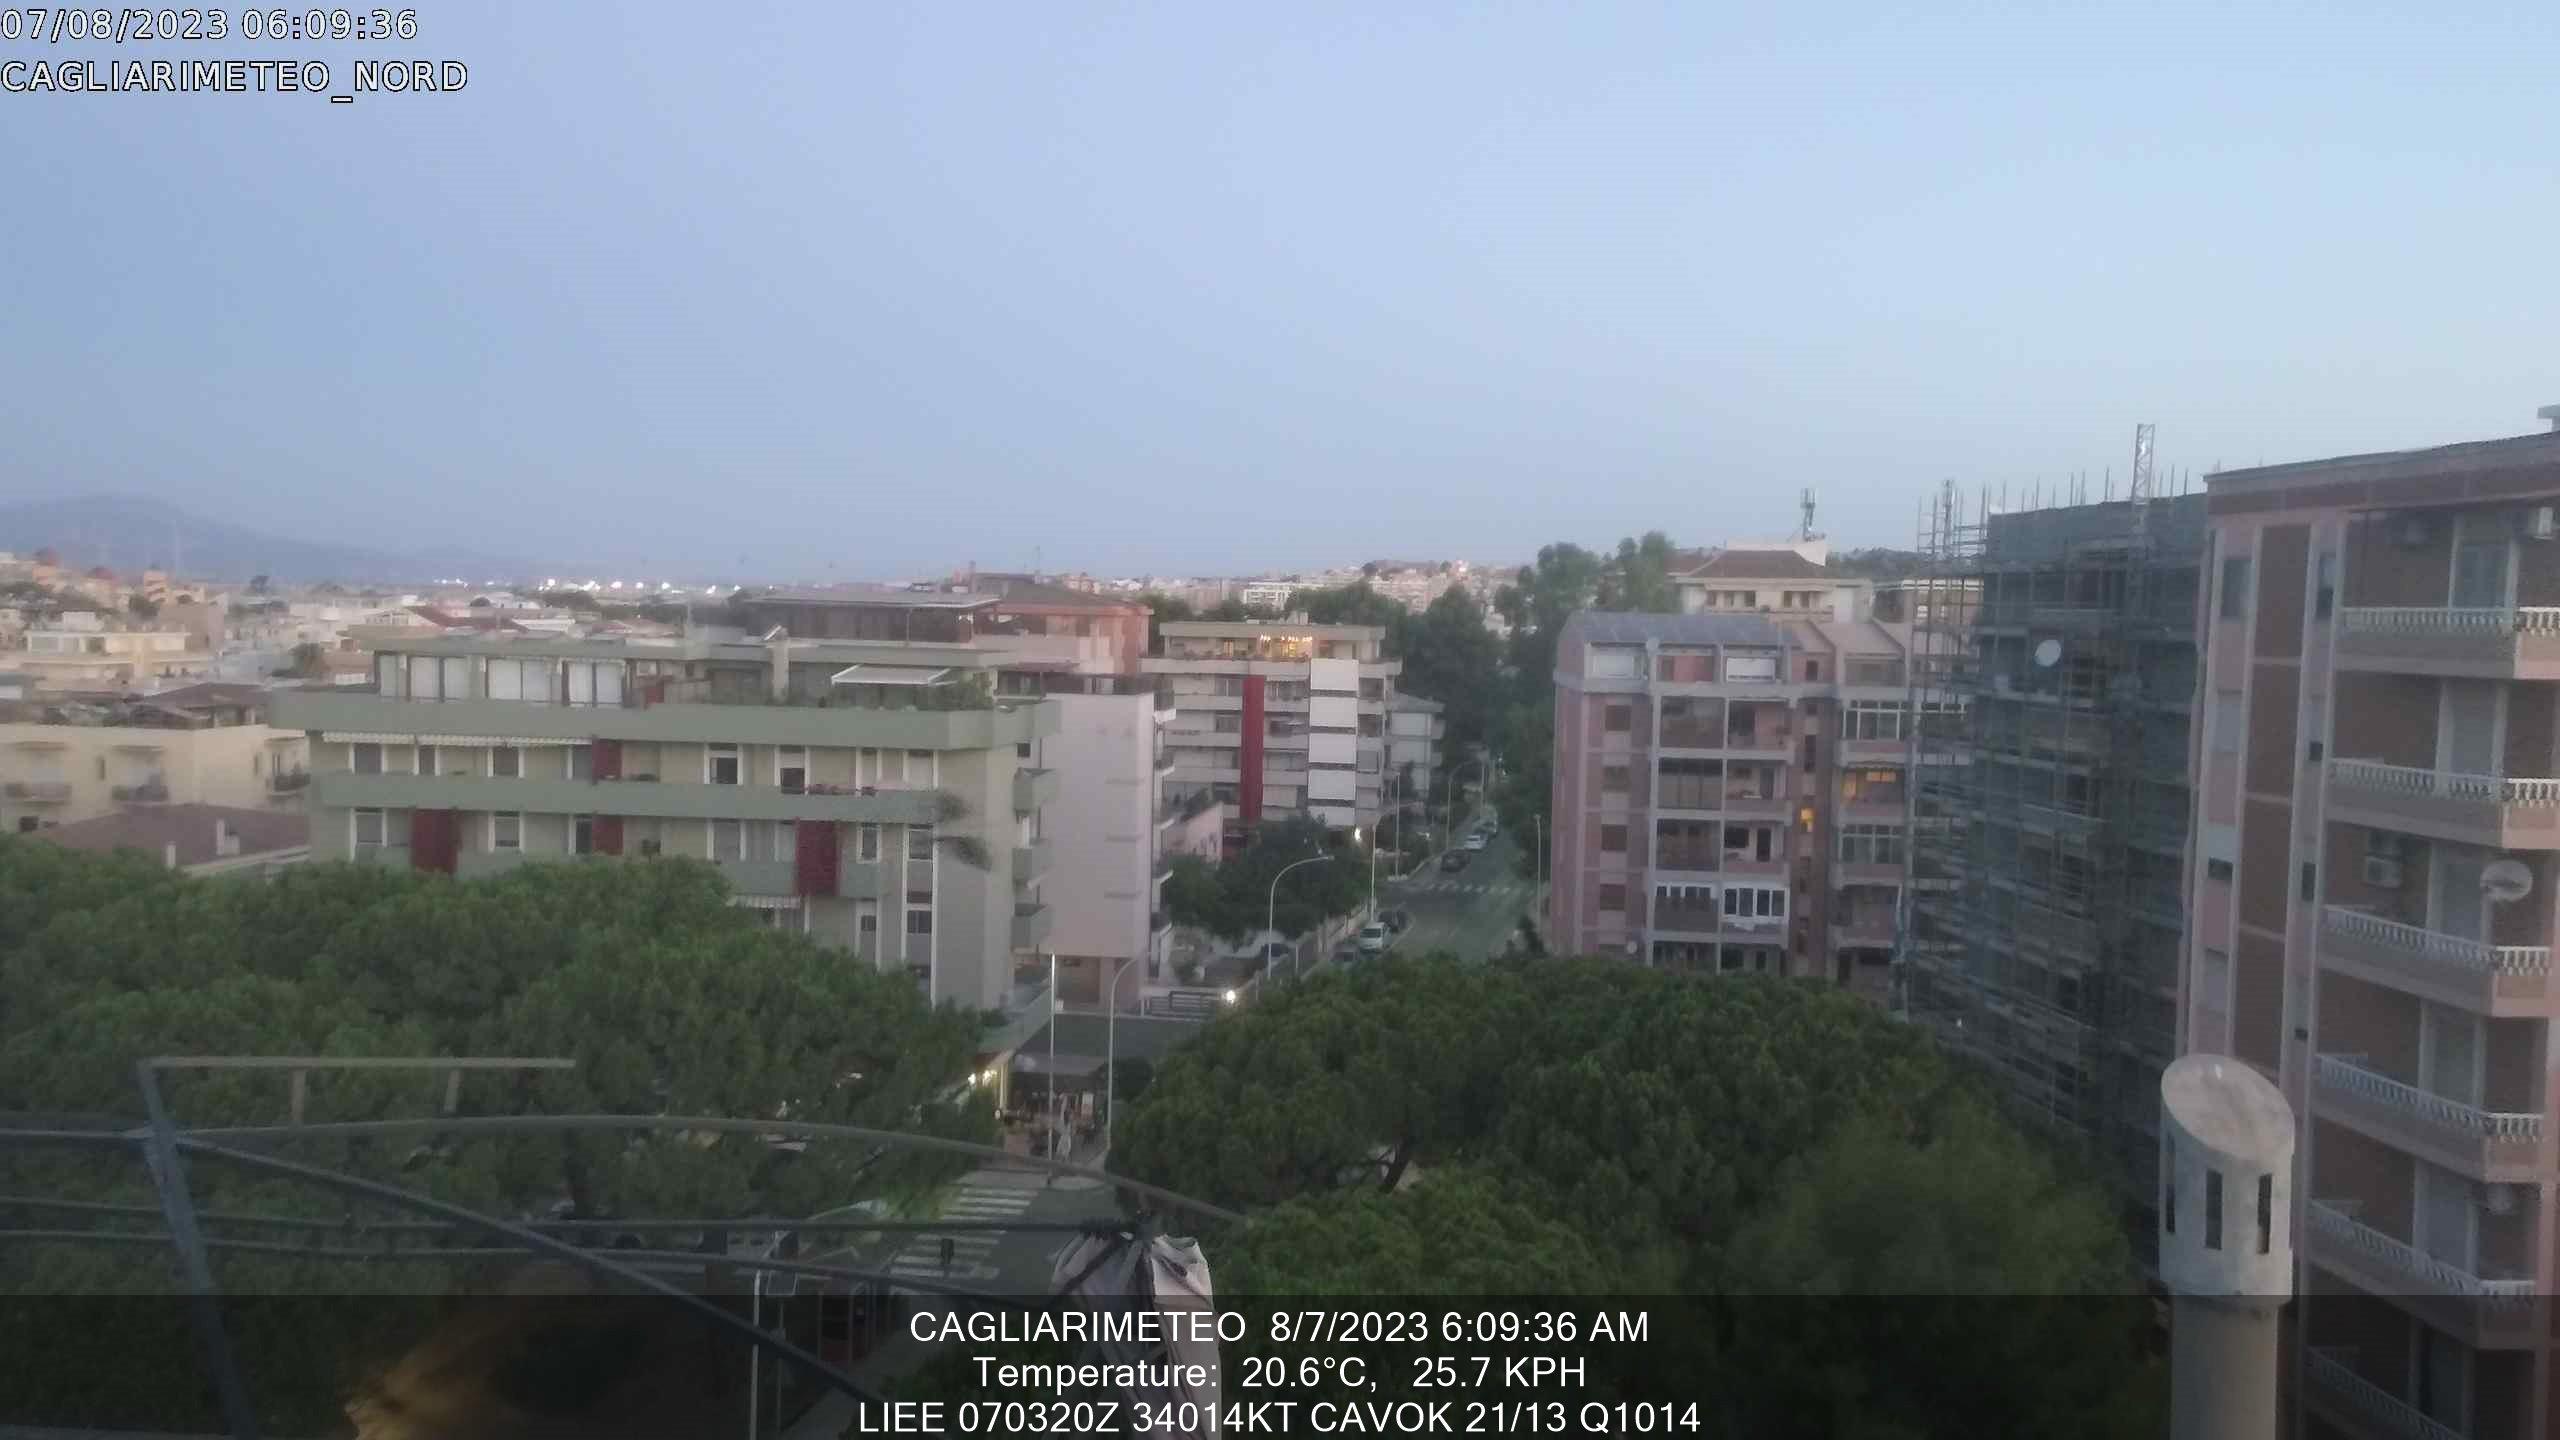 Webcam Cagliarimeteo NORD